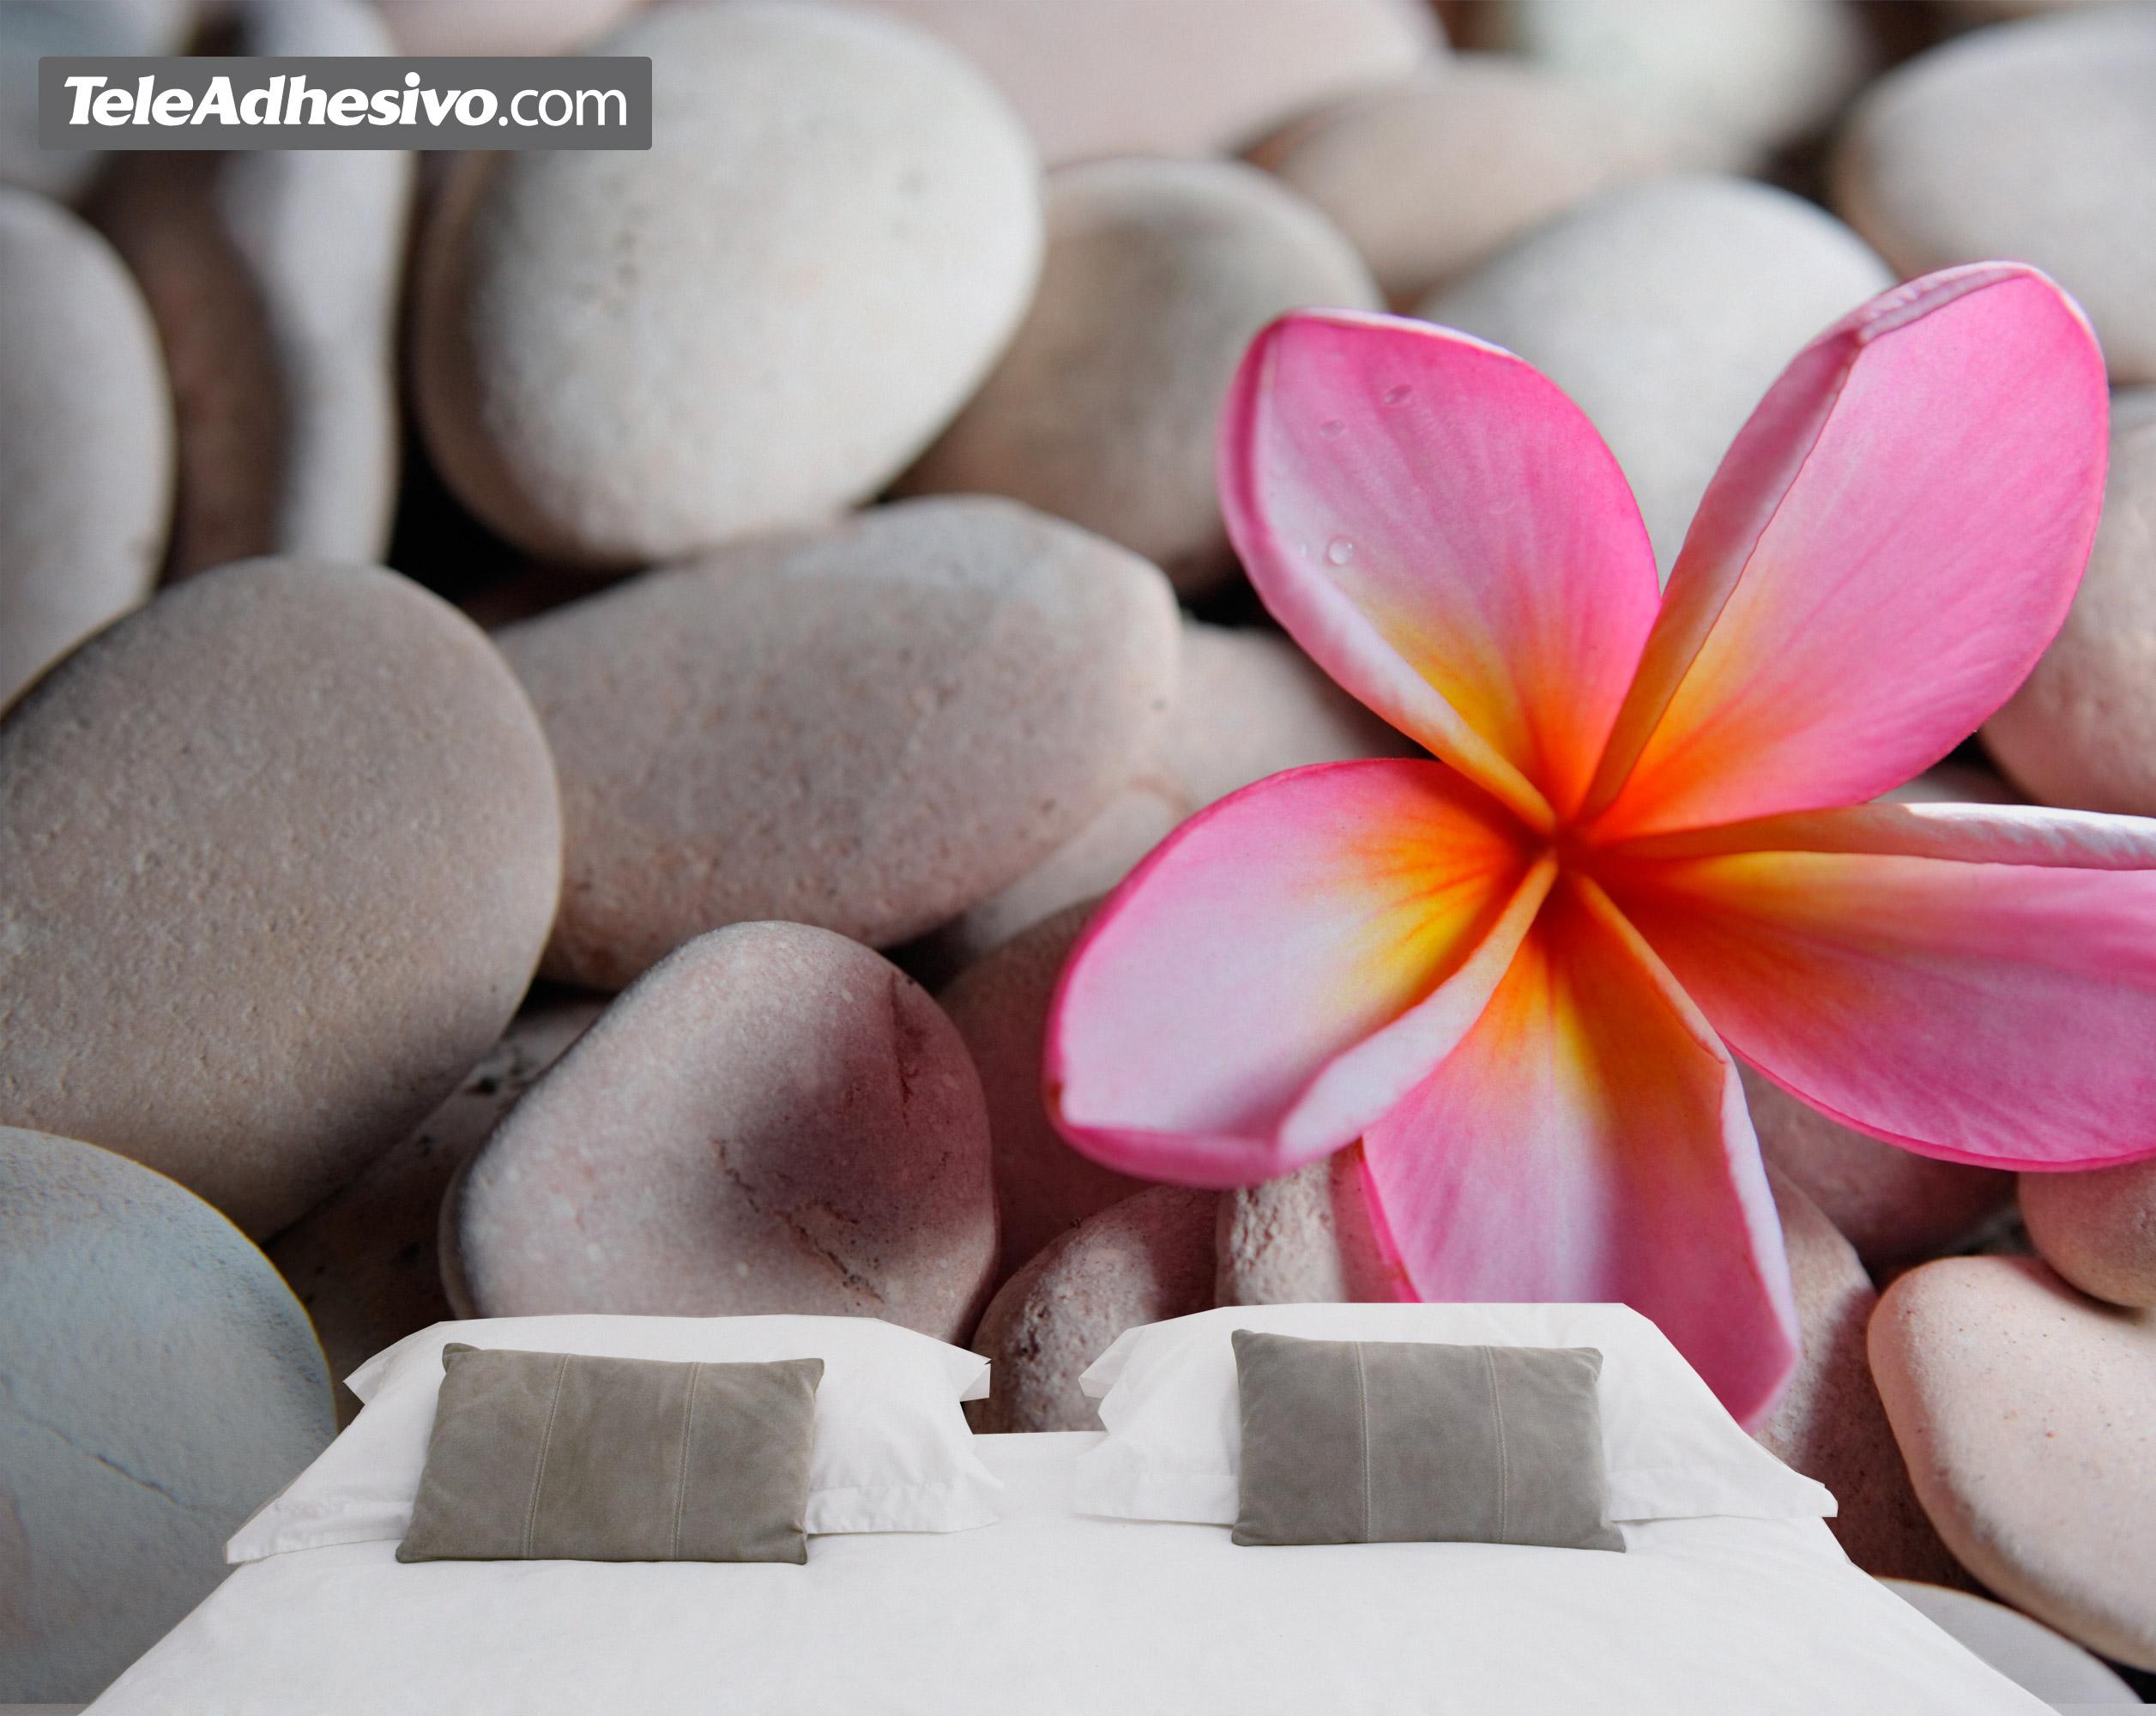 Piedra flor Fotos piedras zen